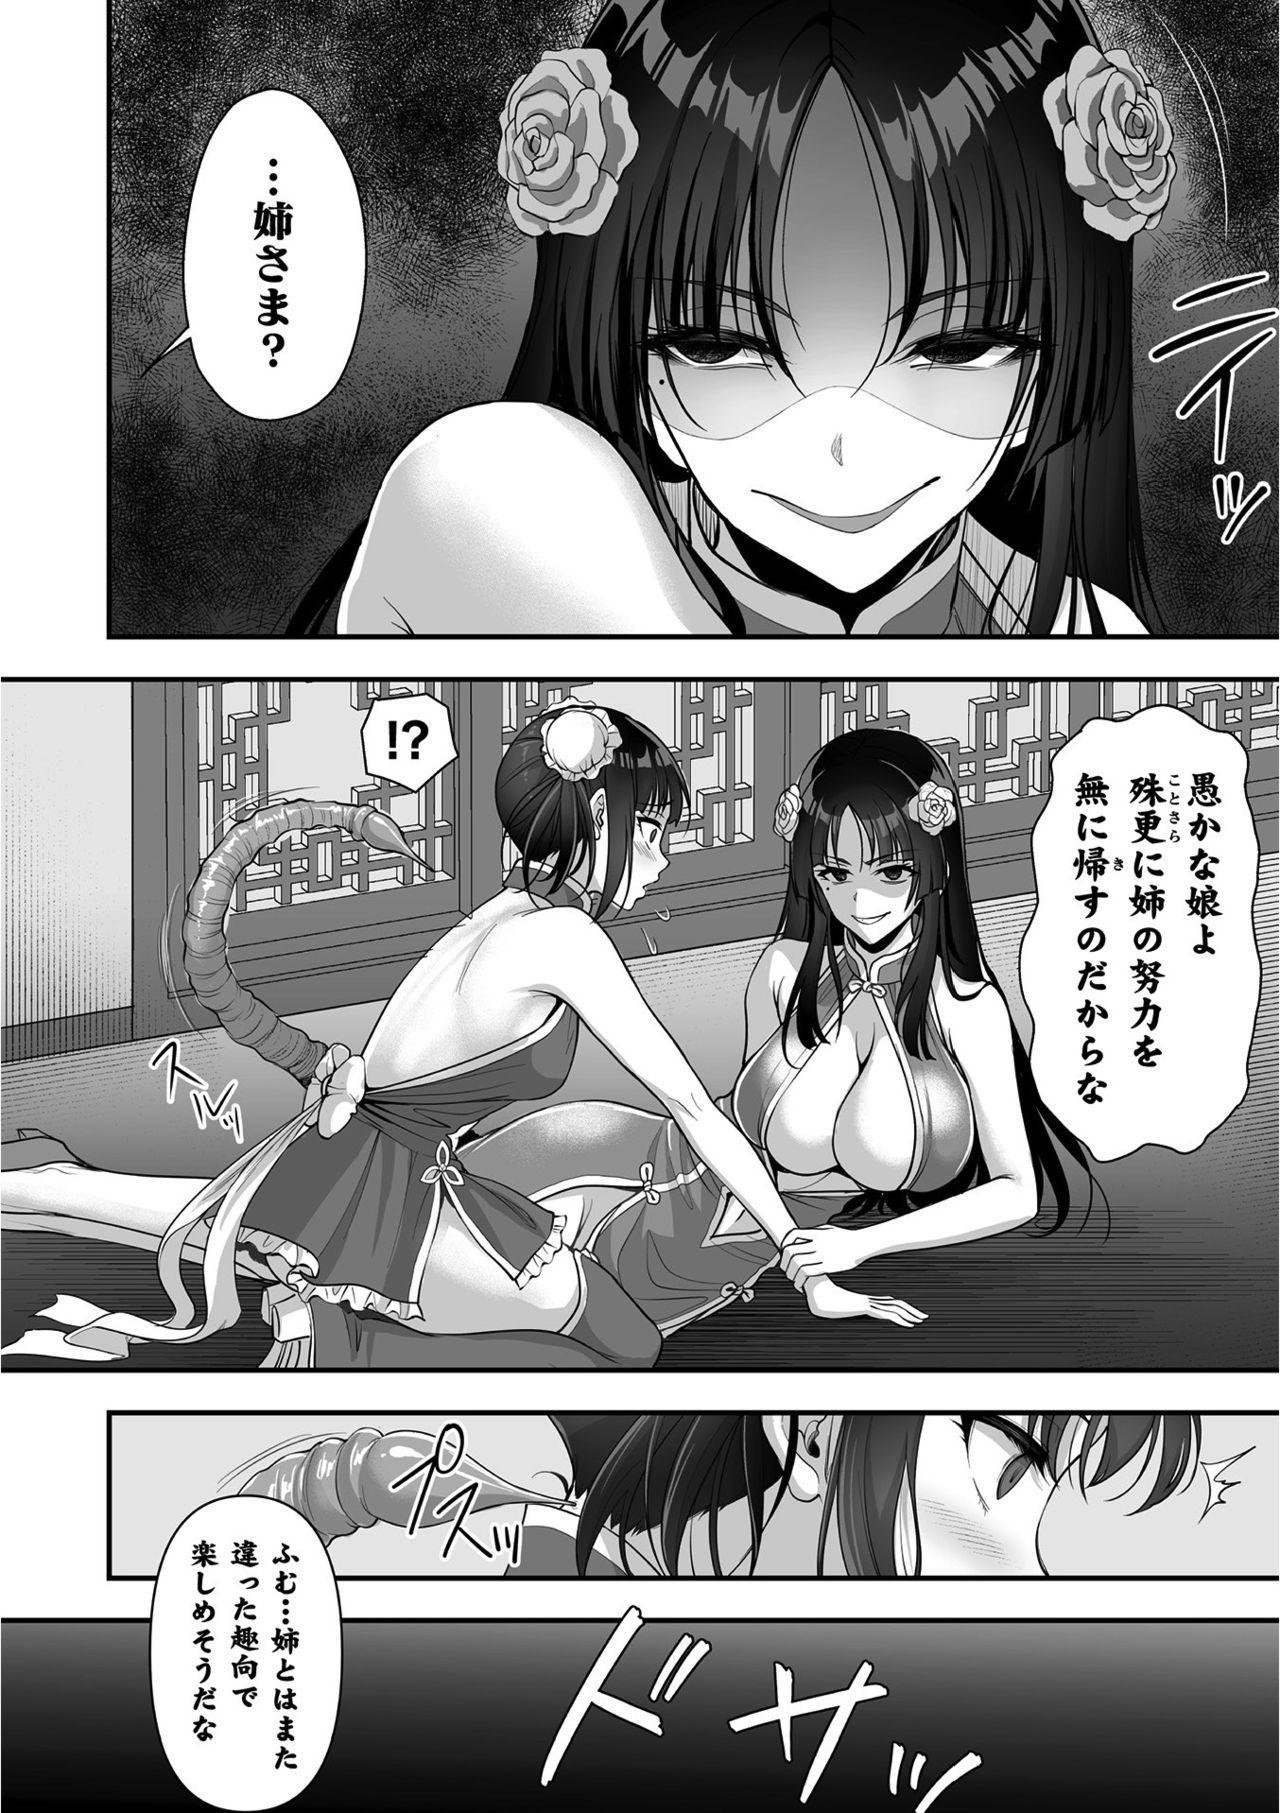 Kukkoro Heroines Vol. 12 31